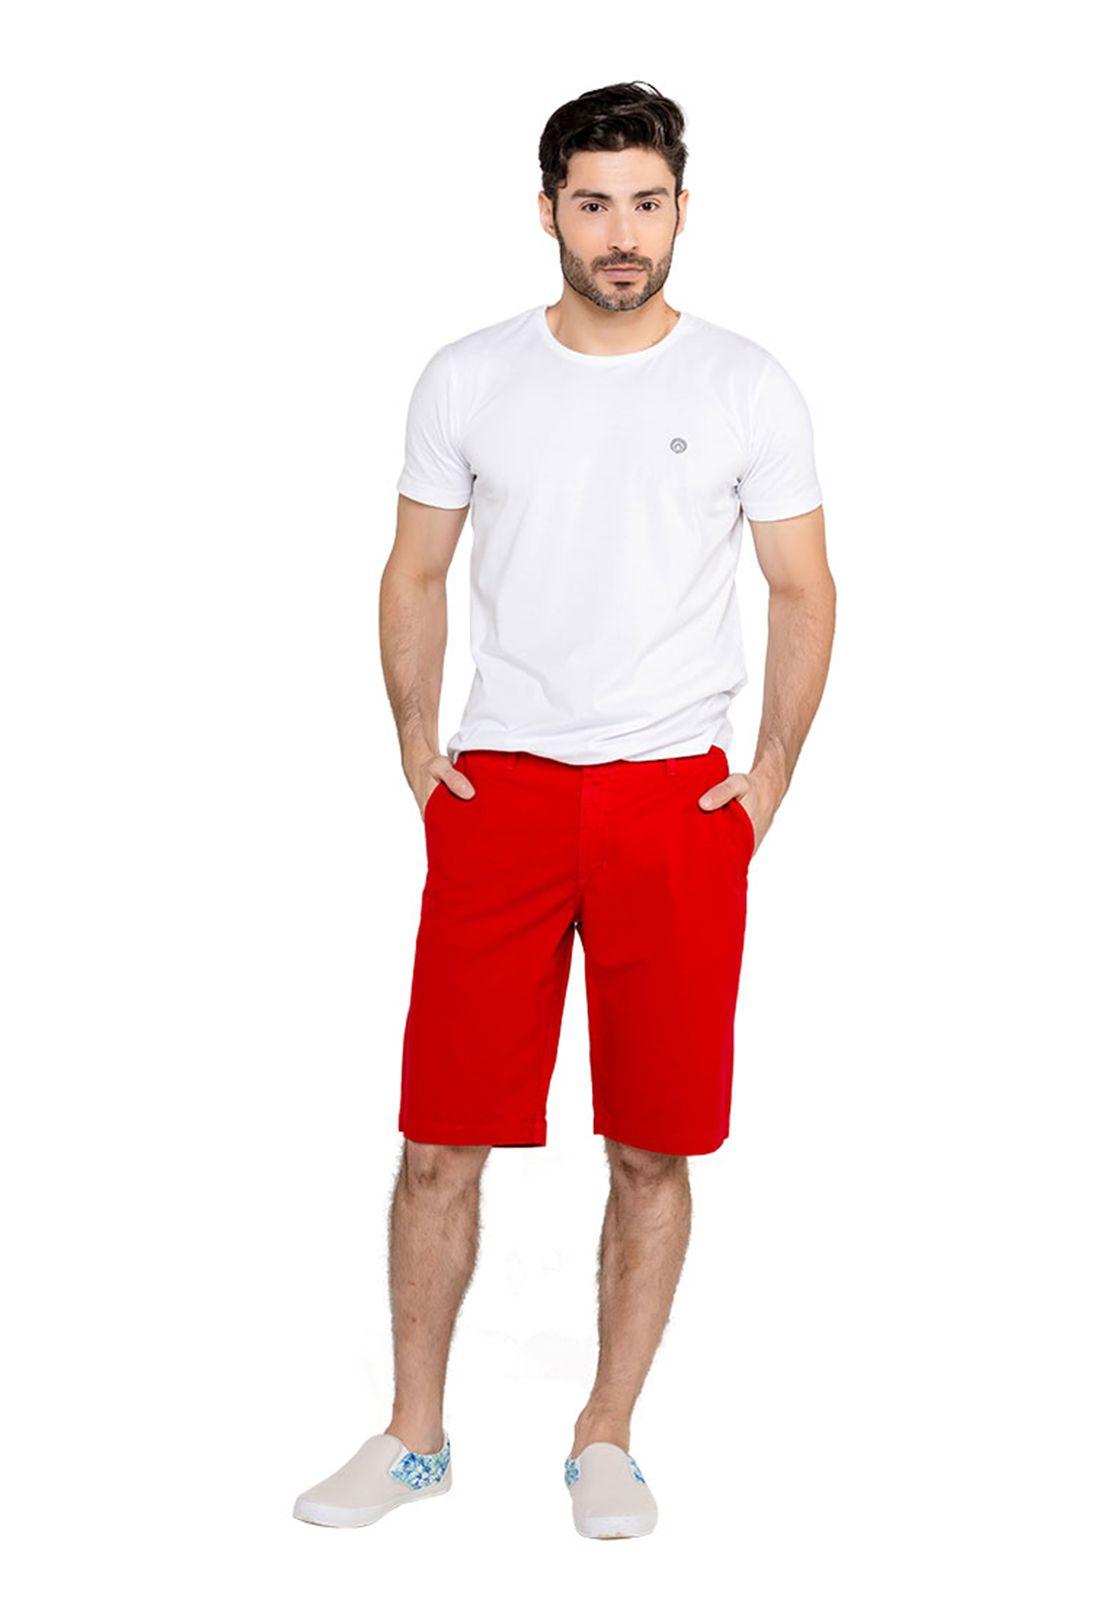 Bermuda Masculina Classic - Vermelha